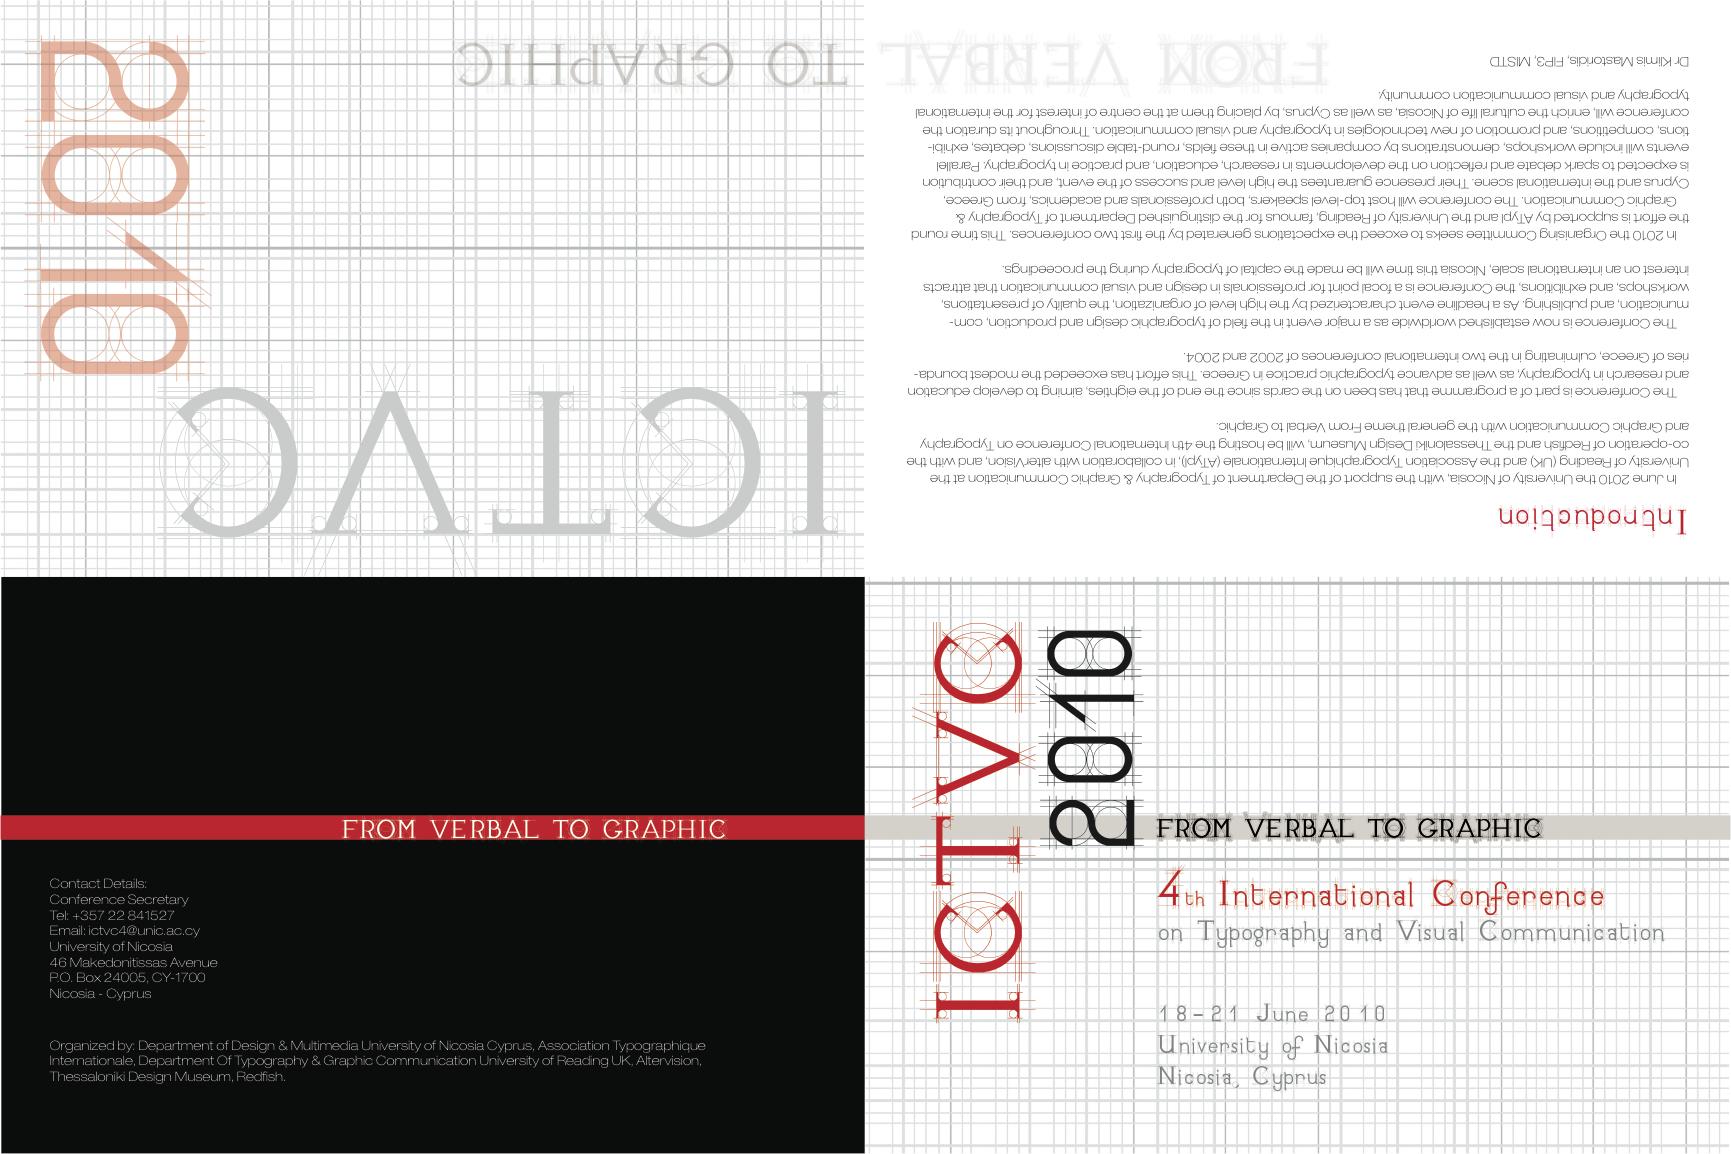 ICTVC 2010 Invitation